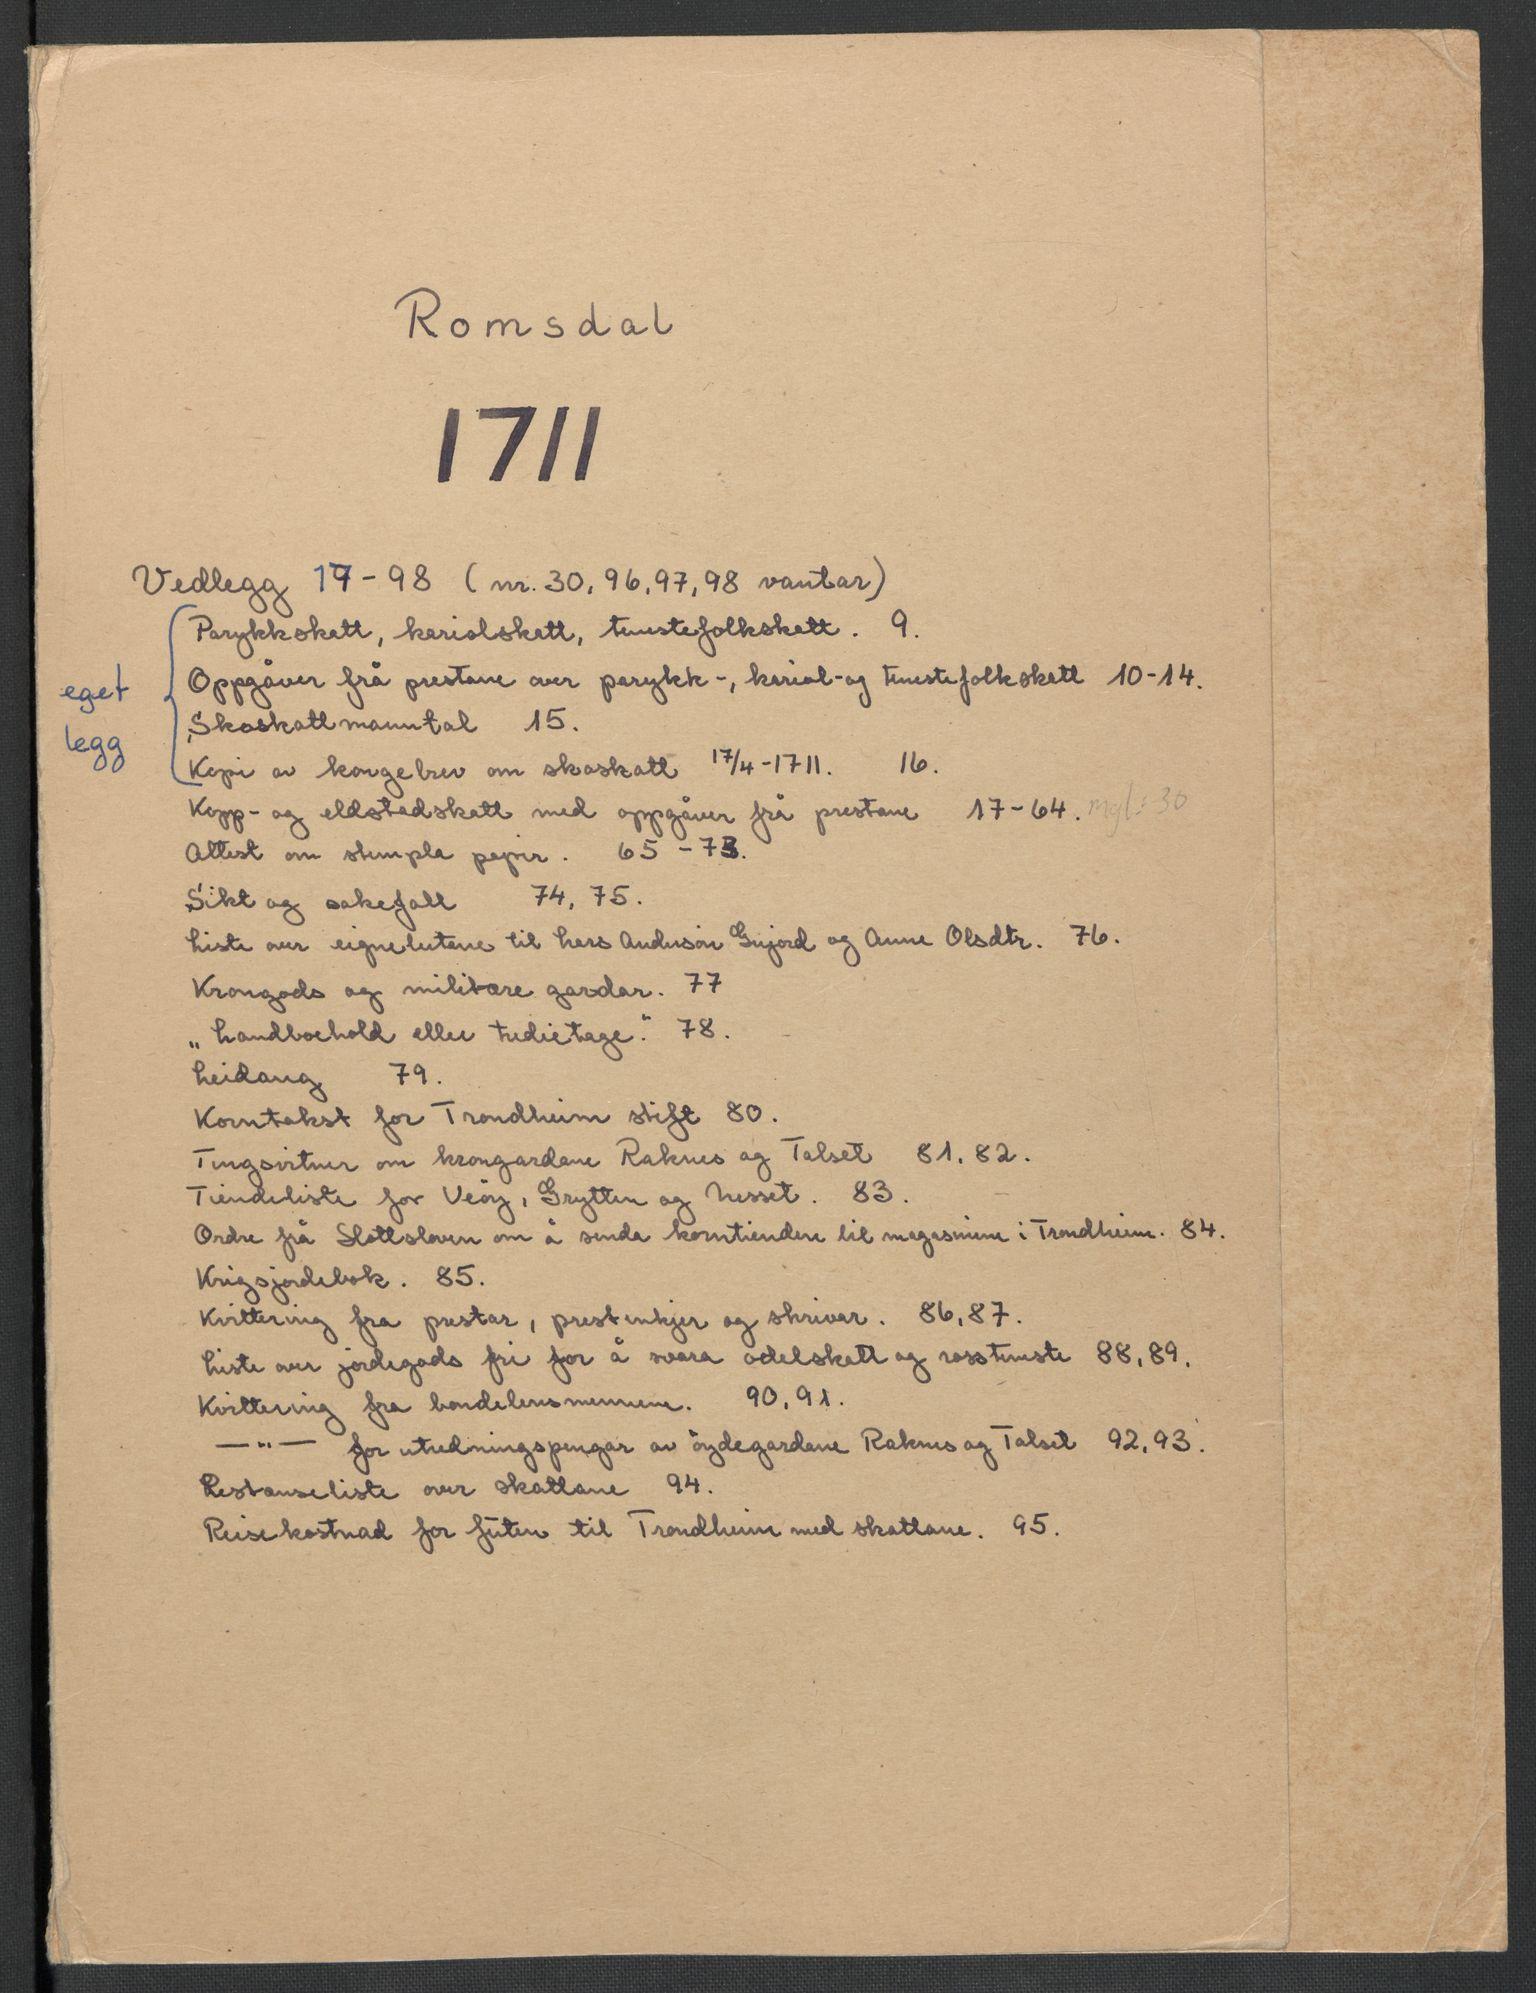 RA, Rentekammeret inntil 1814, Reviderte regnskaper, Fogderegnskap, R55/L3660: Fogderegnskap Romsdal, 1711, s. 216